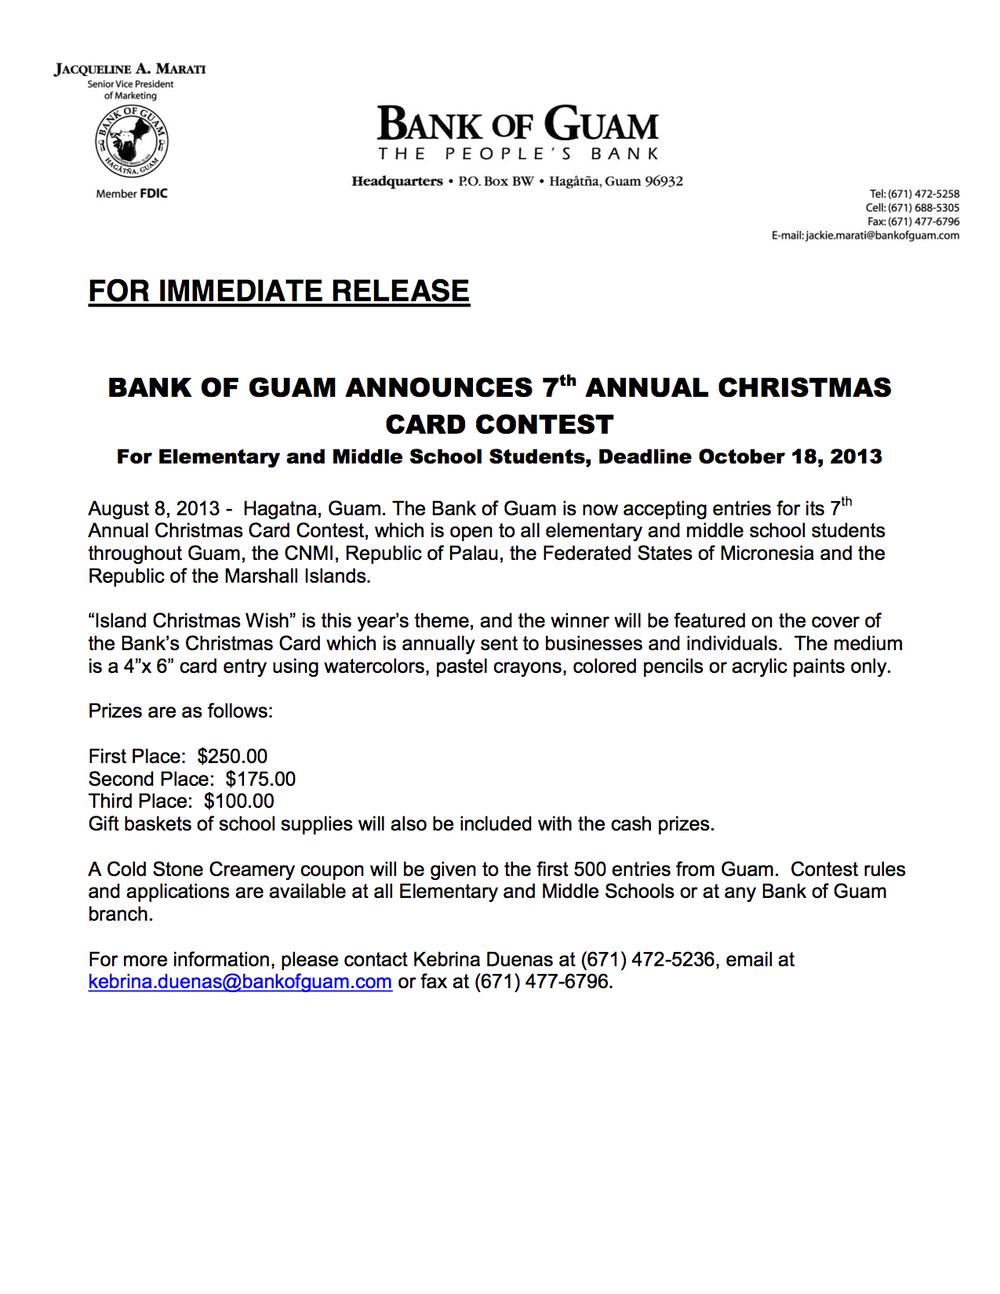 2013-Christmas-Card-Contest.jpg